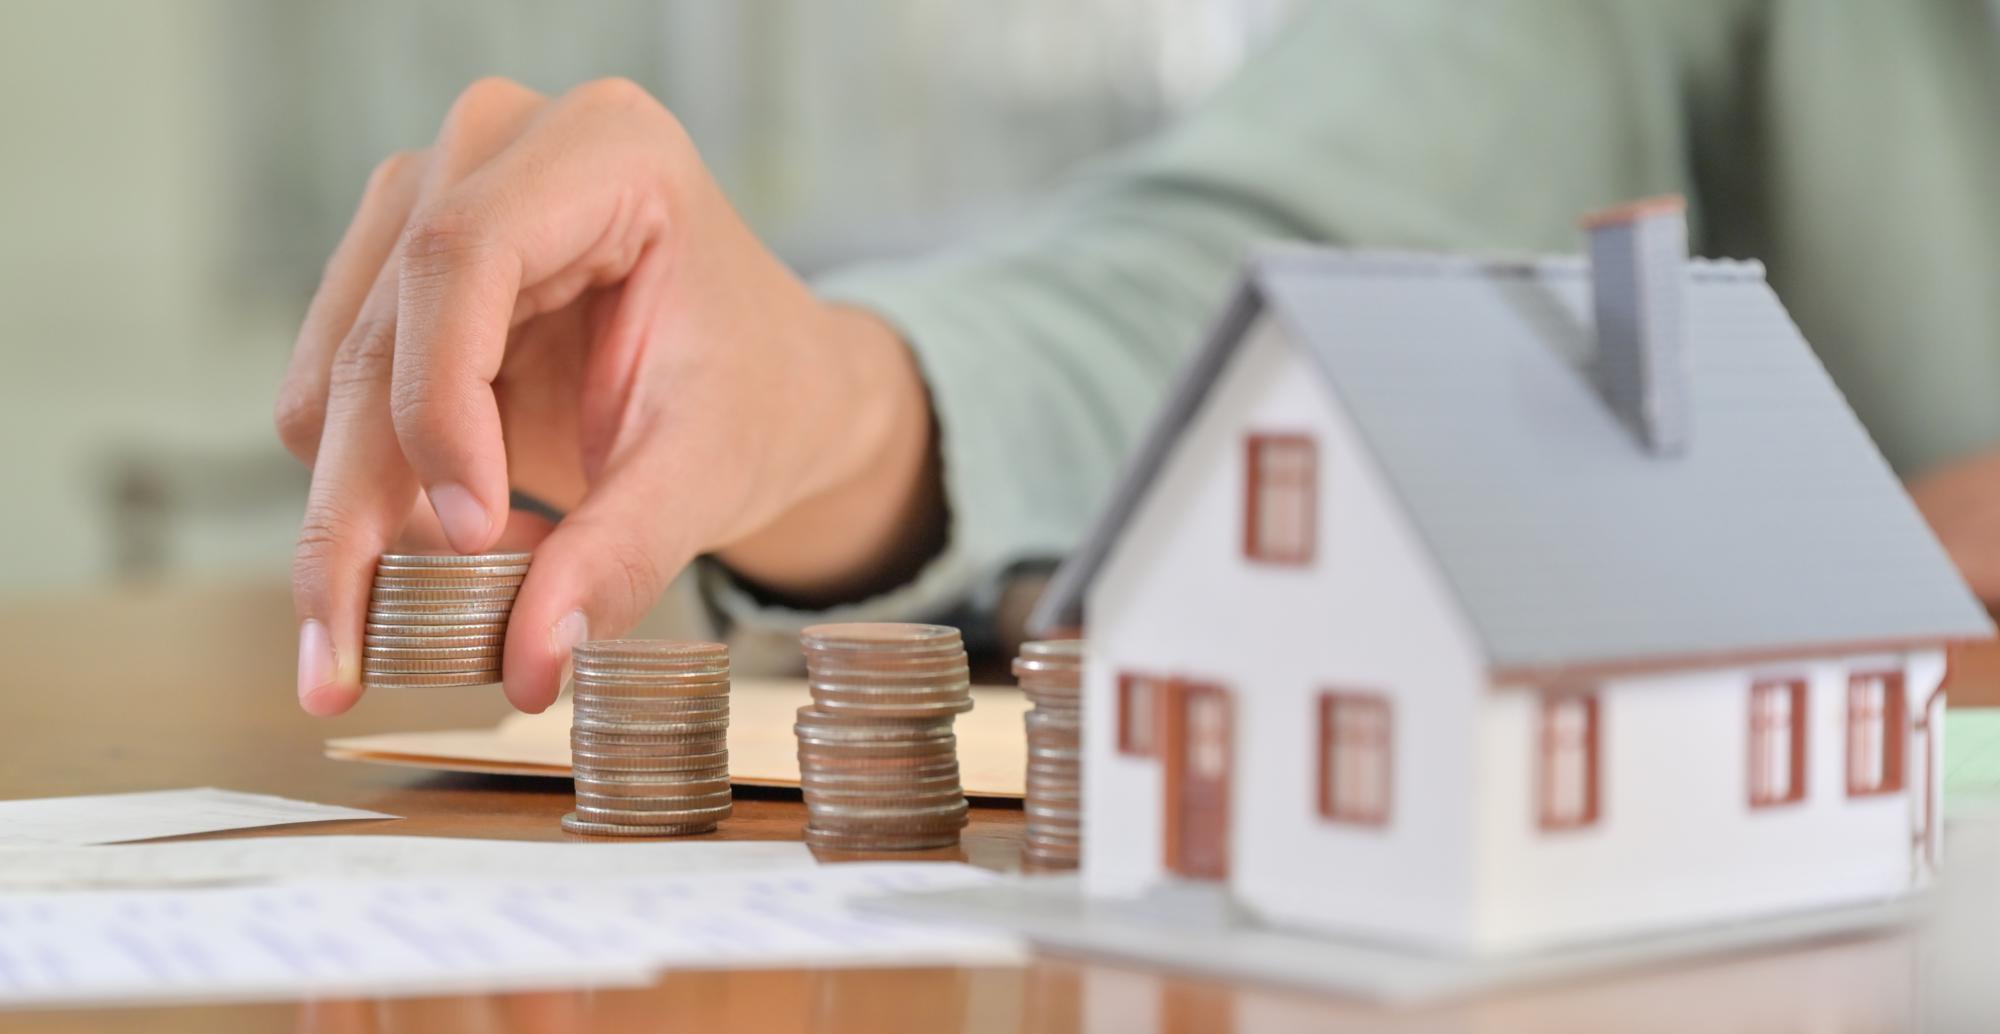 Минфин внёс в правительство законопроект о налоге на недвижимость физлиц